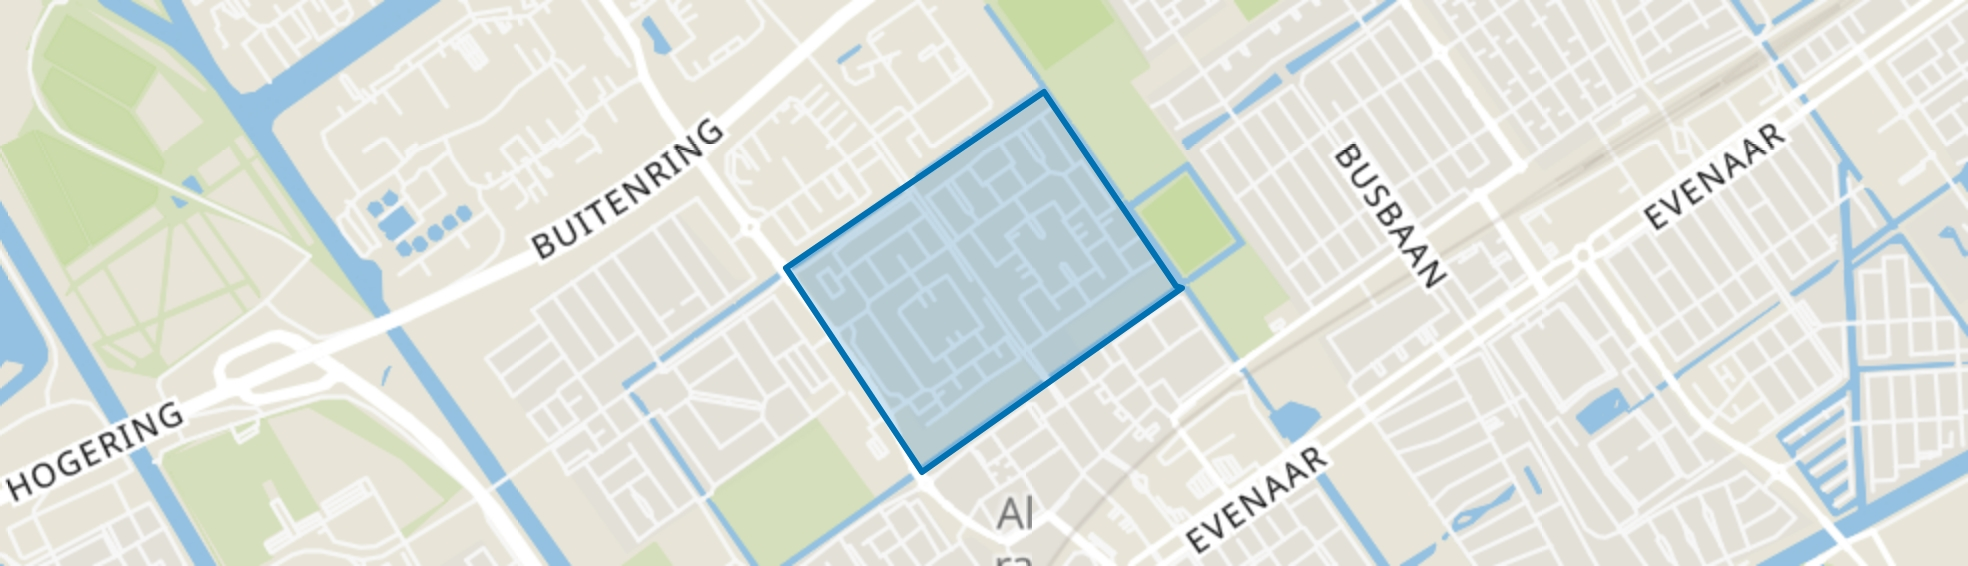 Molenbuurt, Almere map